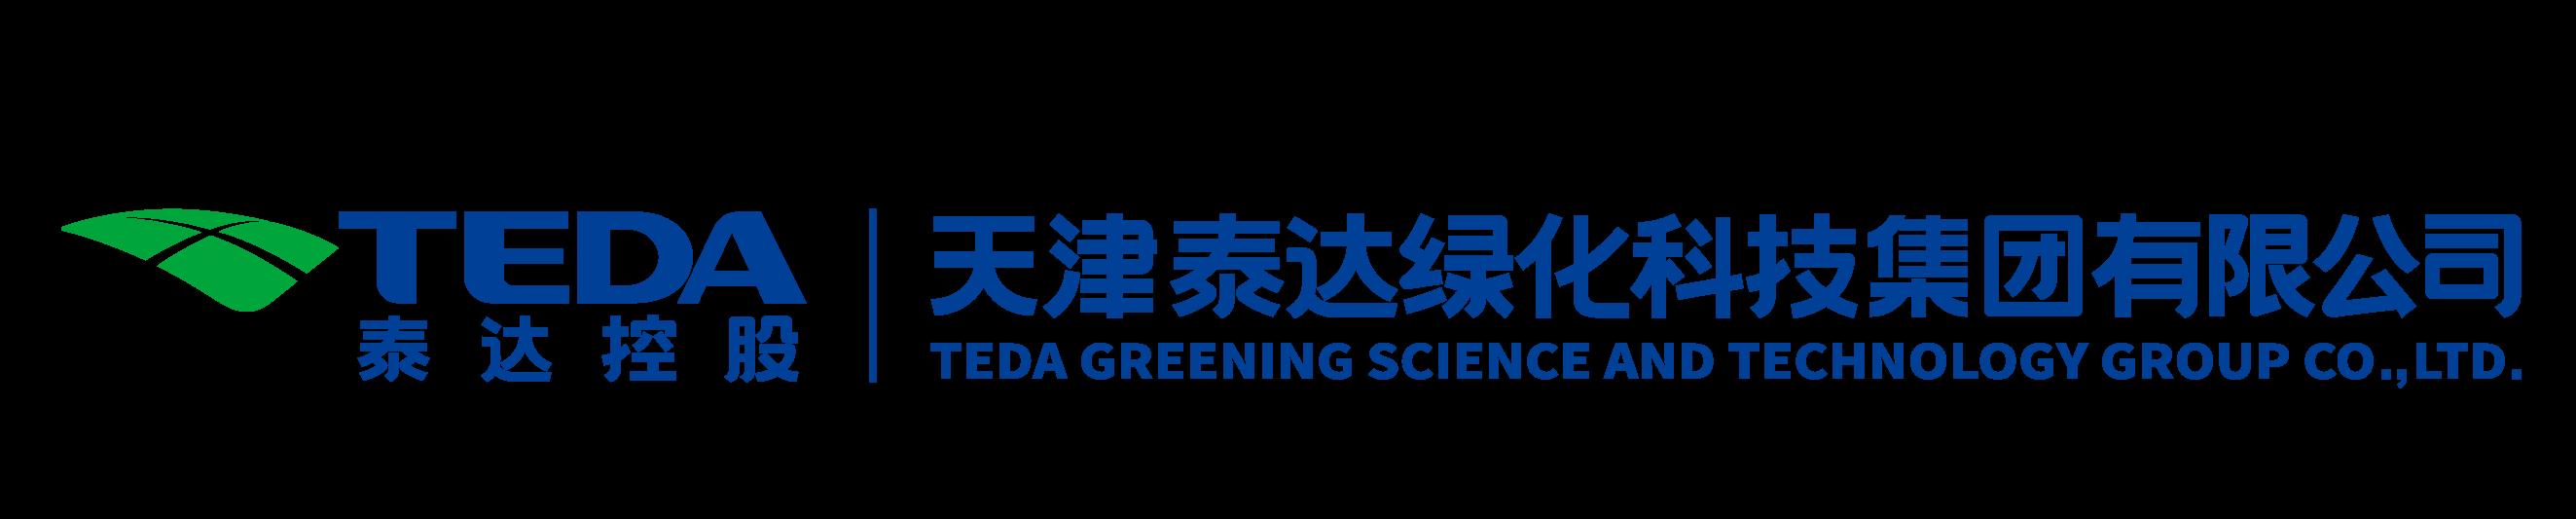 天津会员鸿运国际手机版登岸绿化科技会员鸿运国际手机版登岸有限公司